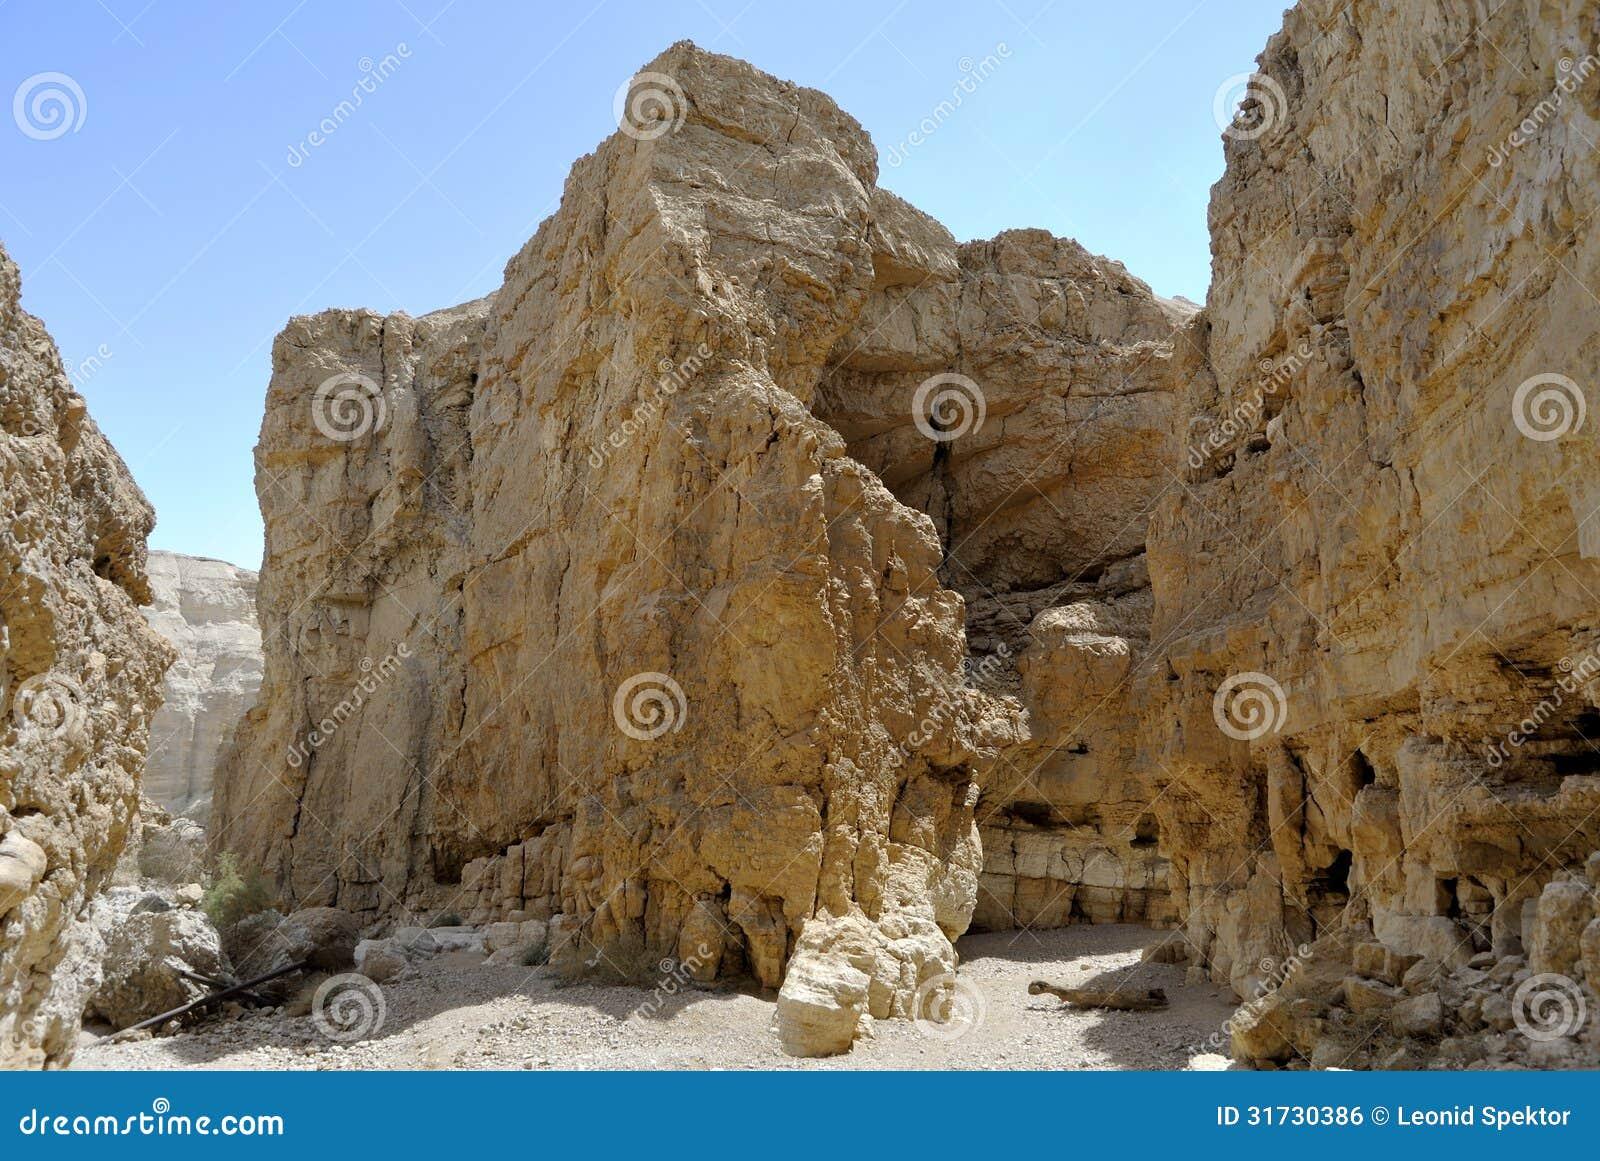 深峡谷在犹太沙漠。